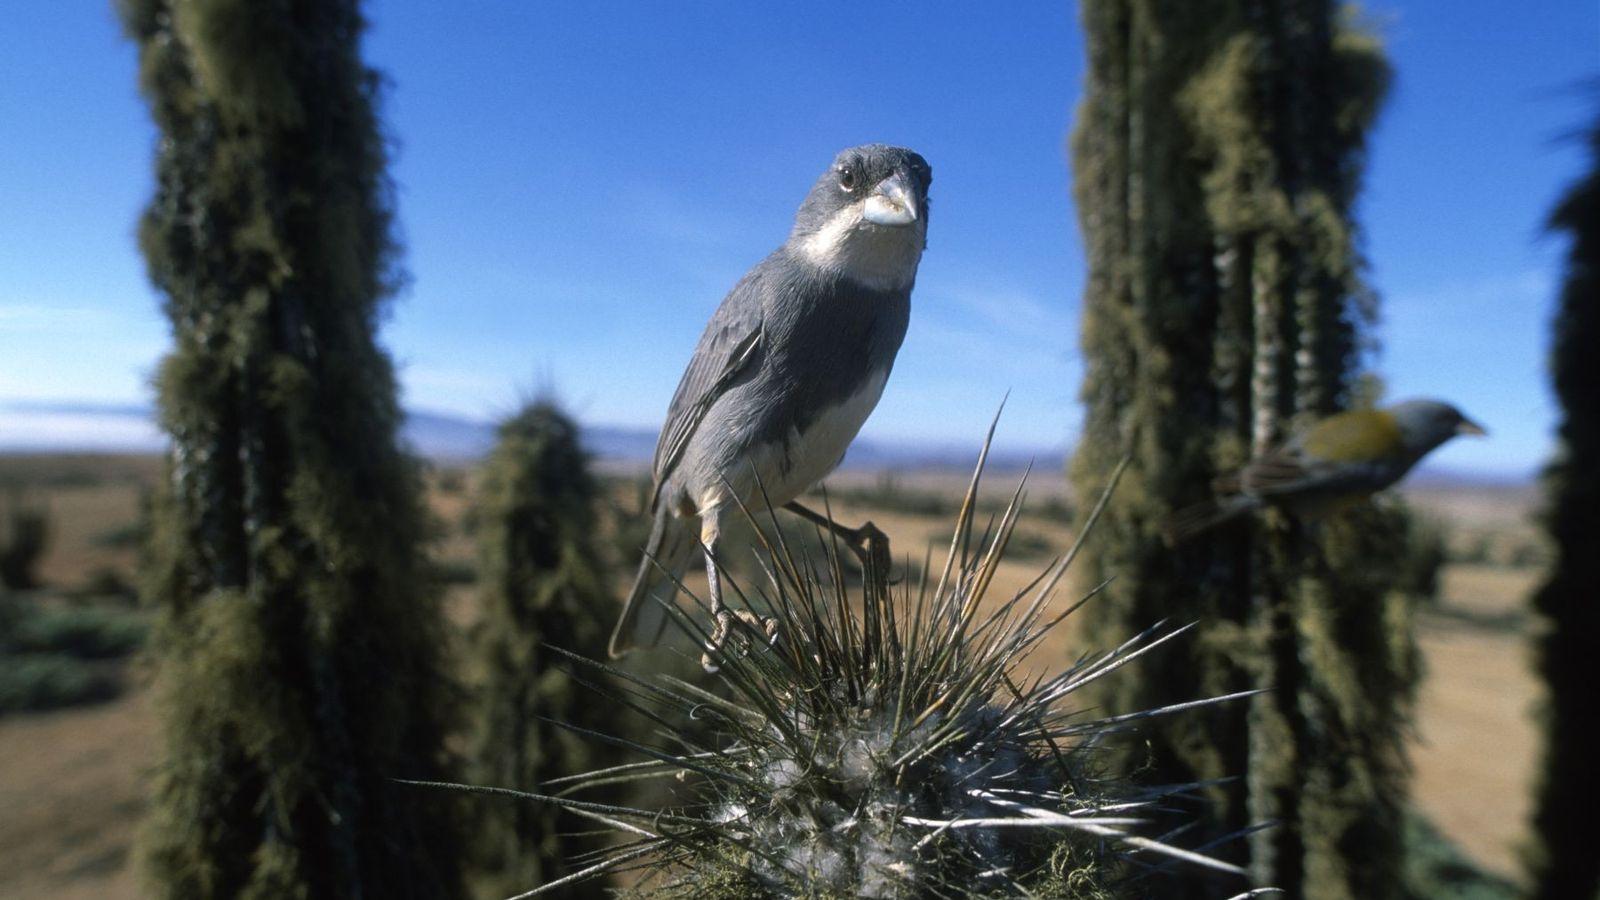 Ein kleiner Vogel sitzt auf den Stacheln eines Kaktus. Durch die geringe Schärfentiefe wird klar, dass ...